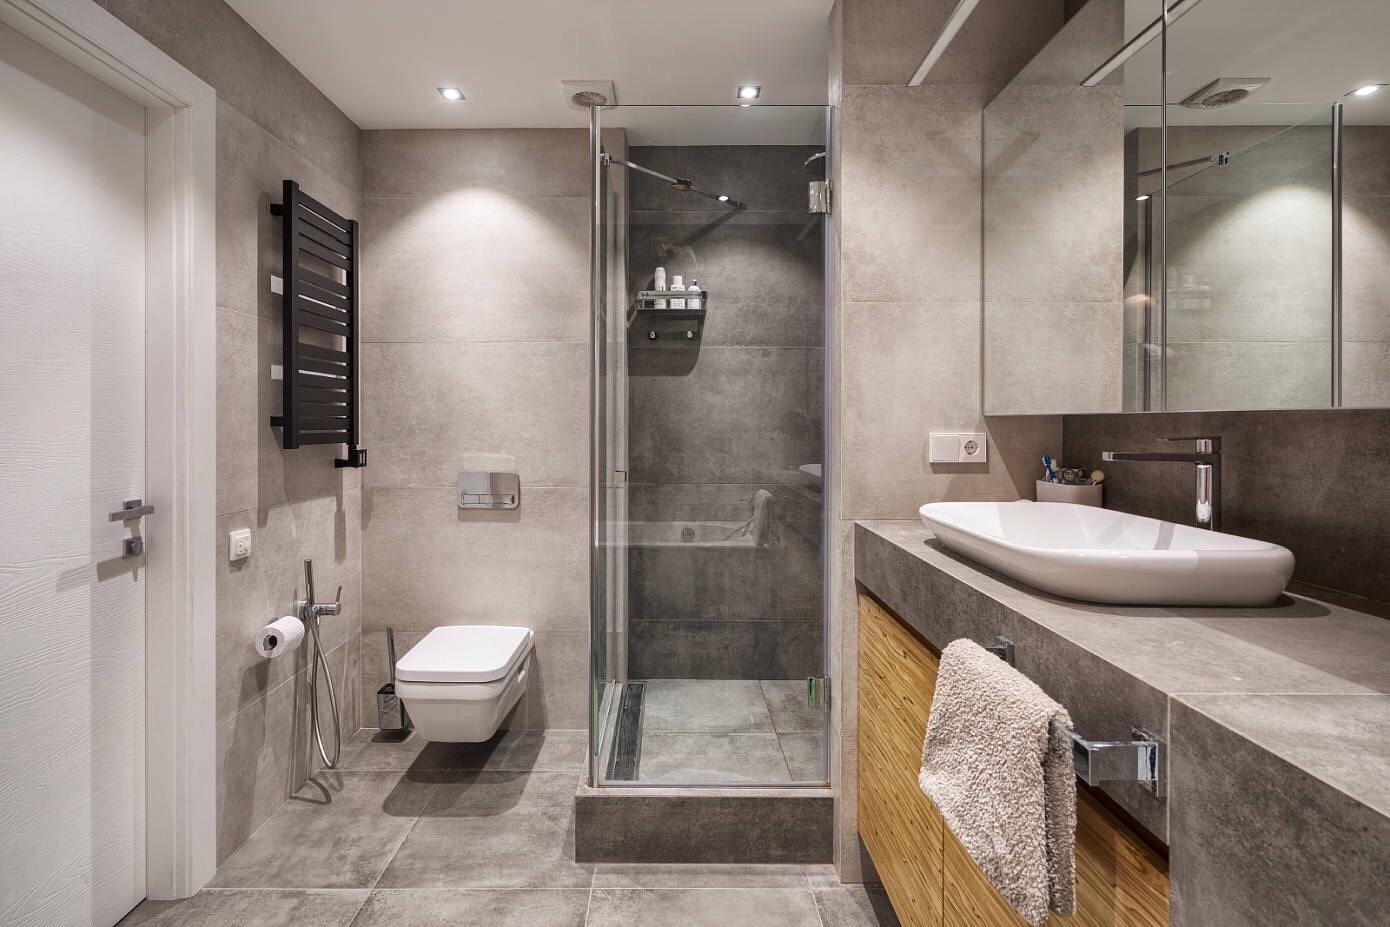 2021工业卫生间装修图片 2021工业洗漱台装饰设计